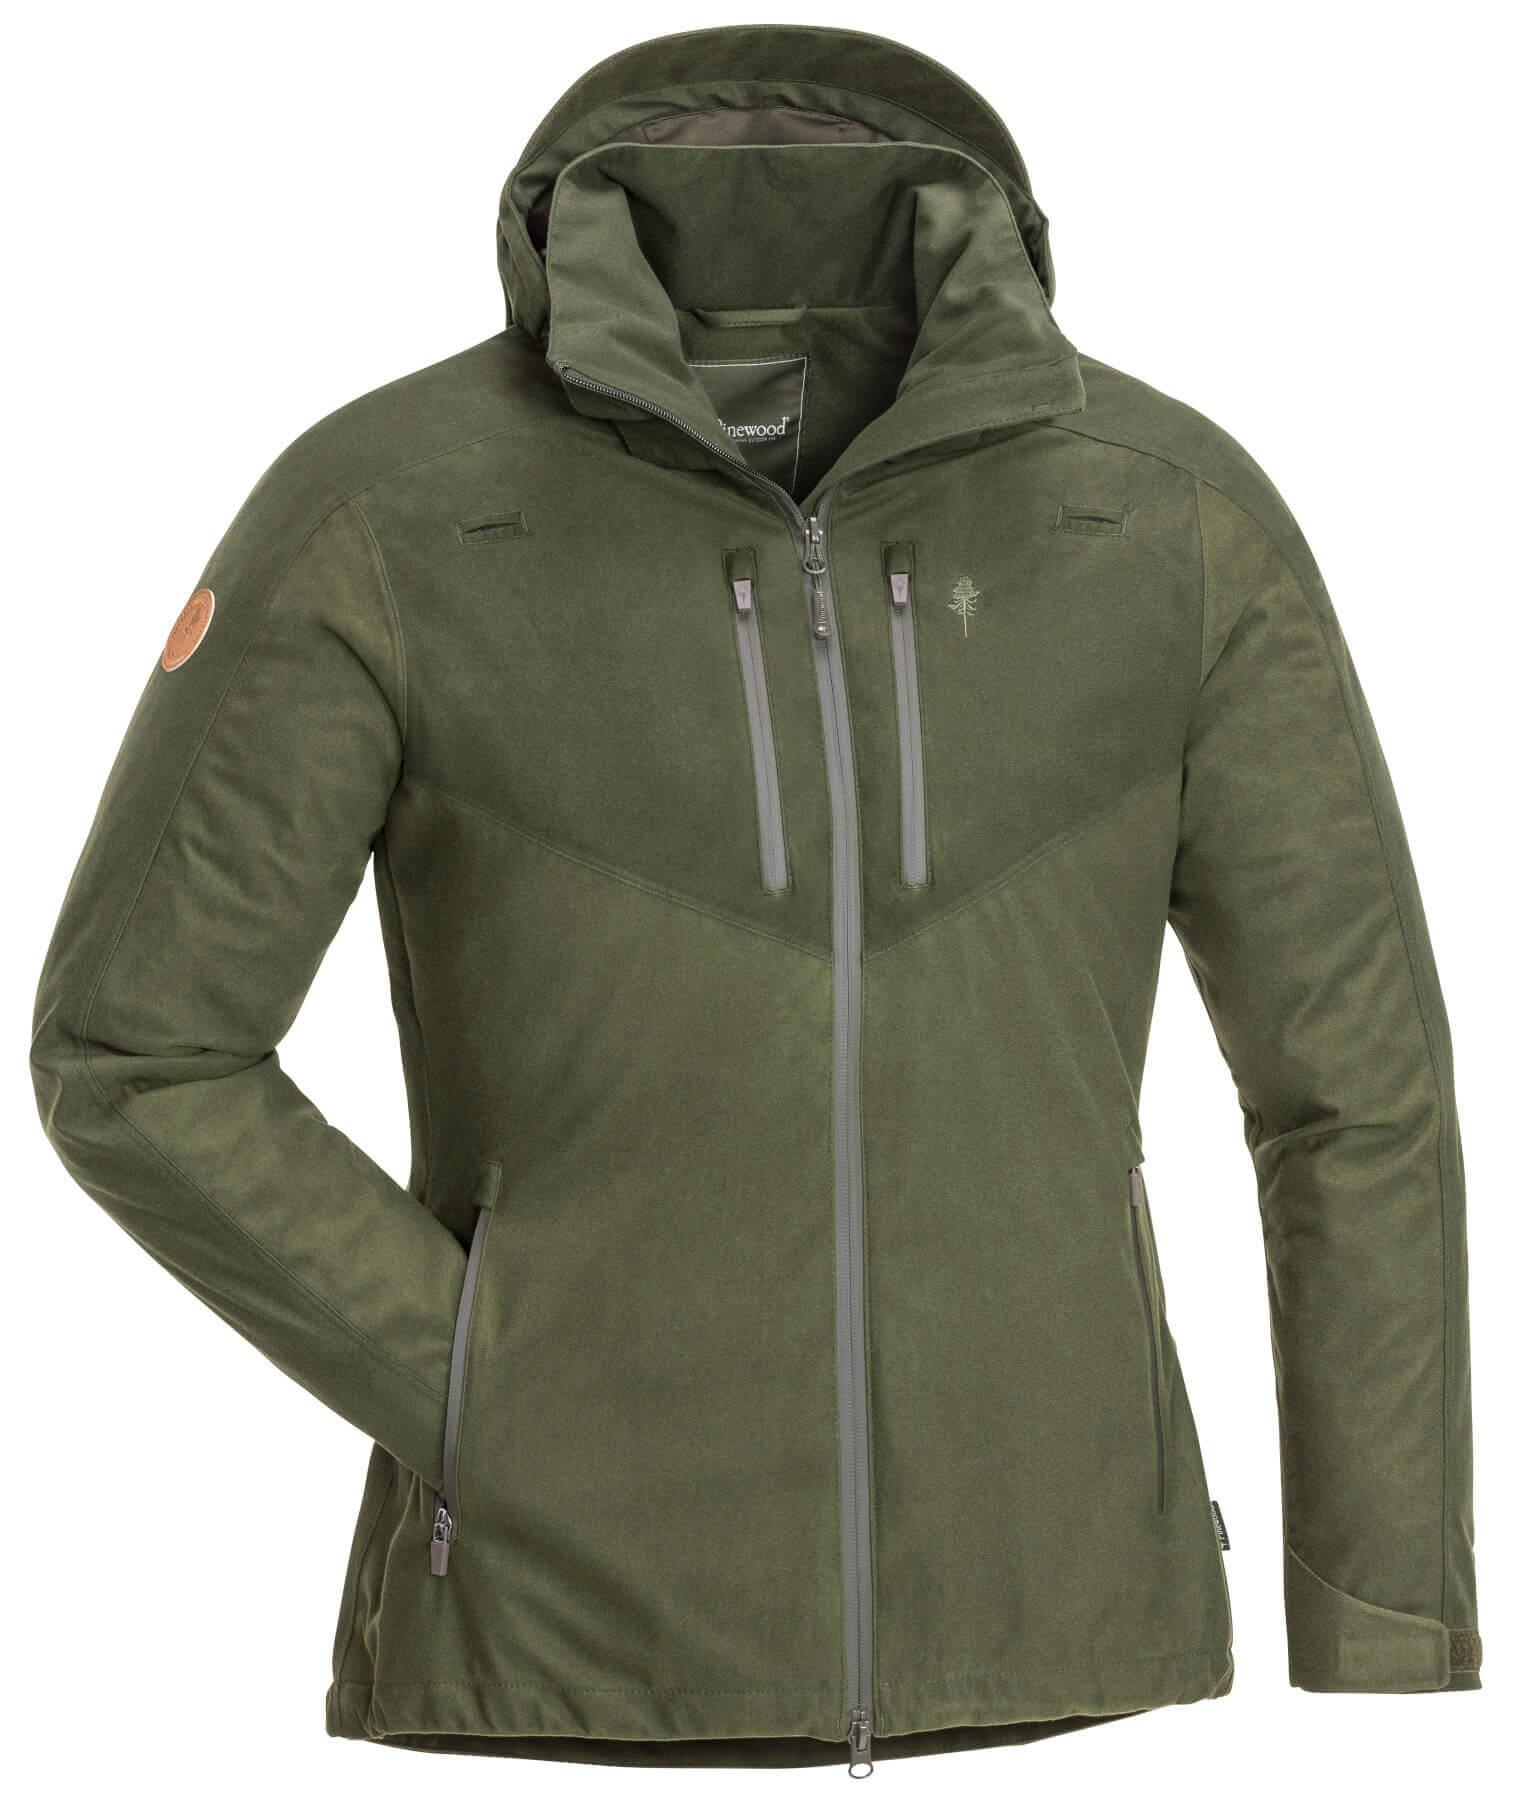 Damenjagdjacke Retriever Active mossgreen darkgreen mit Kapuze und Taschen